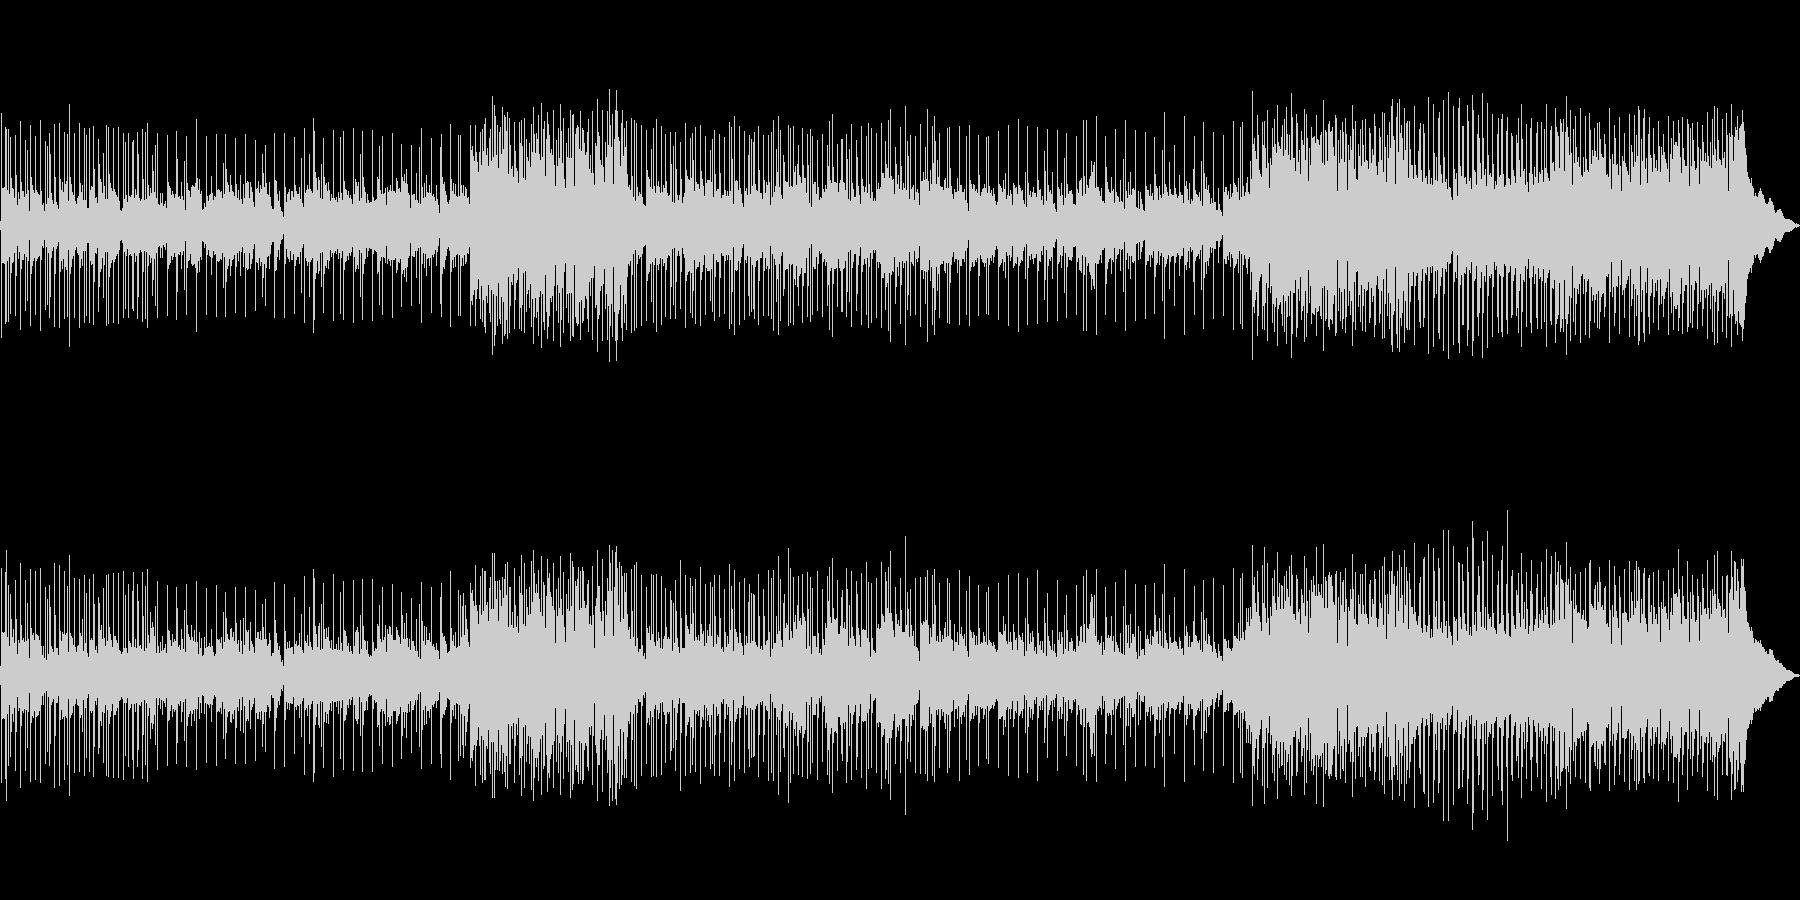 スローなフォーク調ポップの未再生の波形